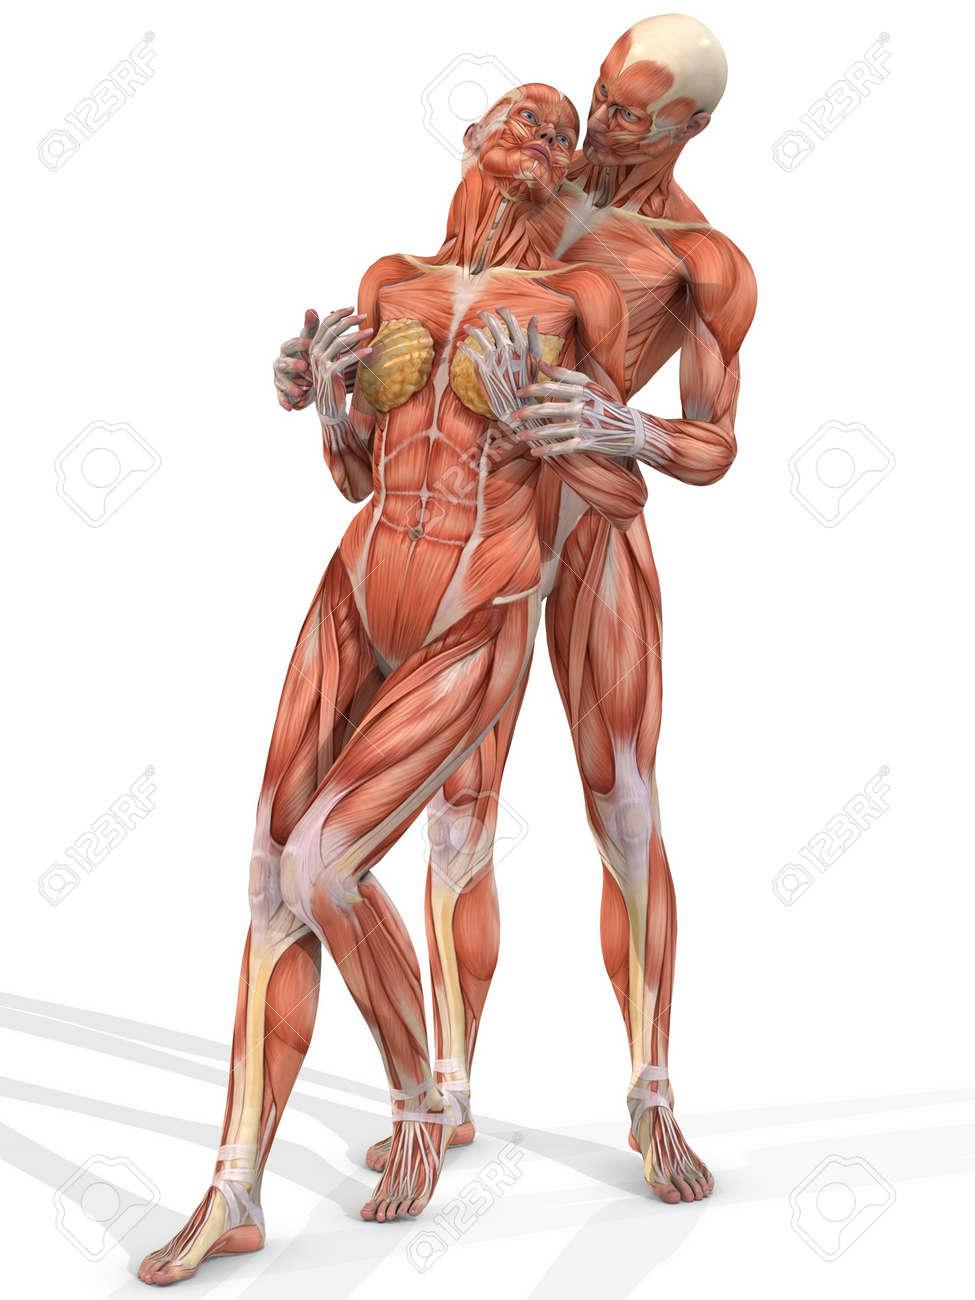 Weibliche Und Männliche Anatomie Körper - Zu Zweit Lizenzfreie Fotos ...